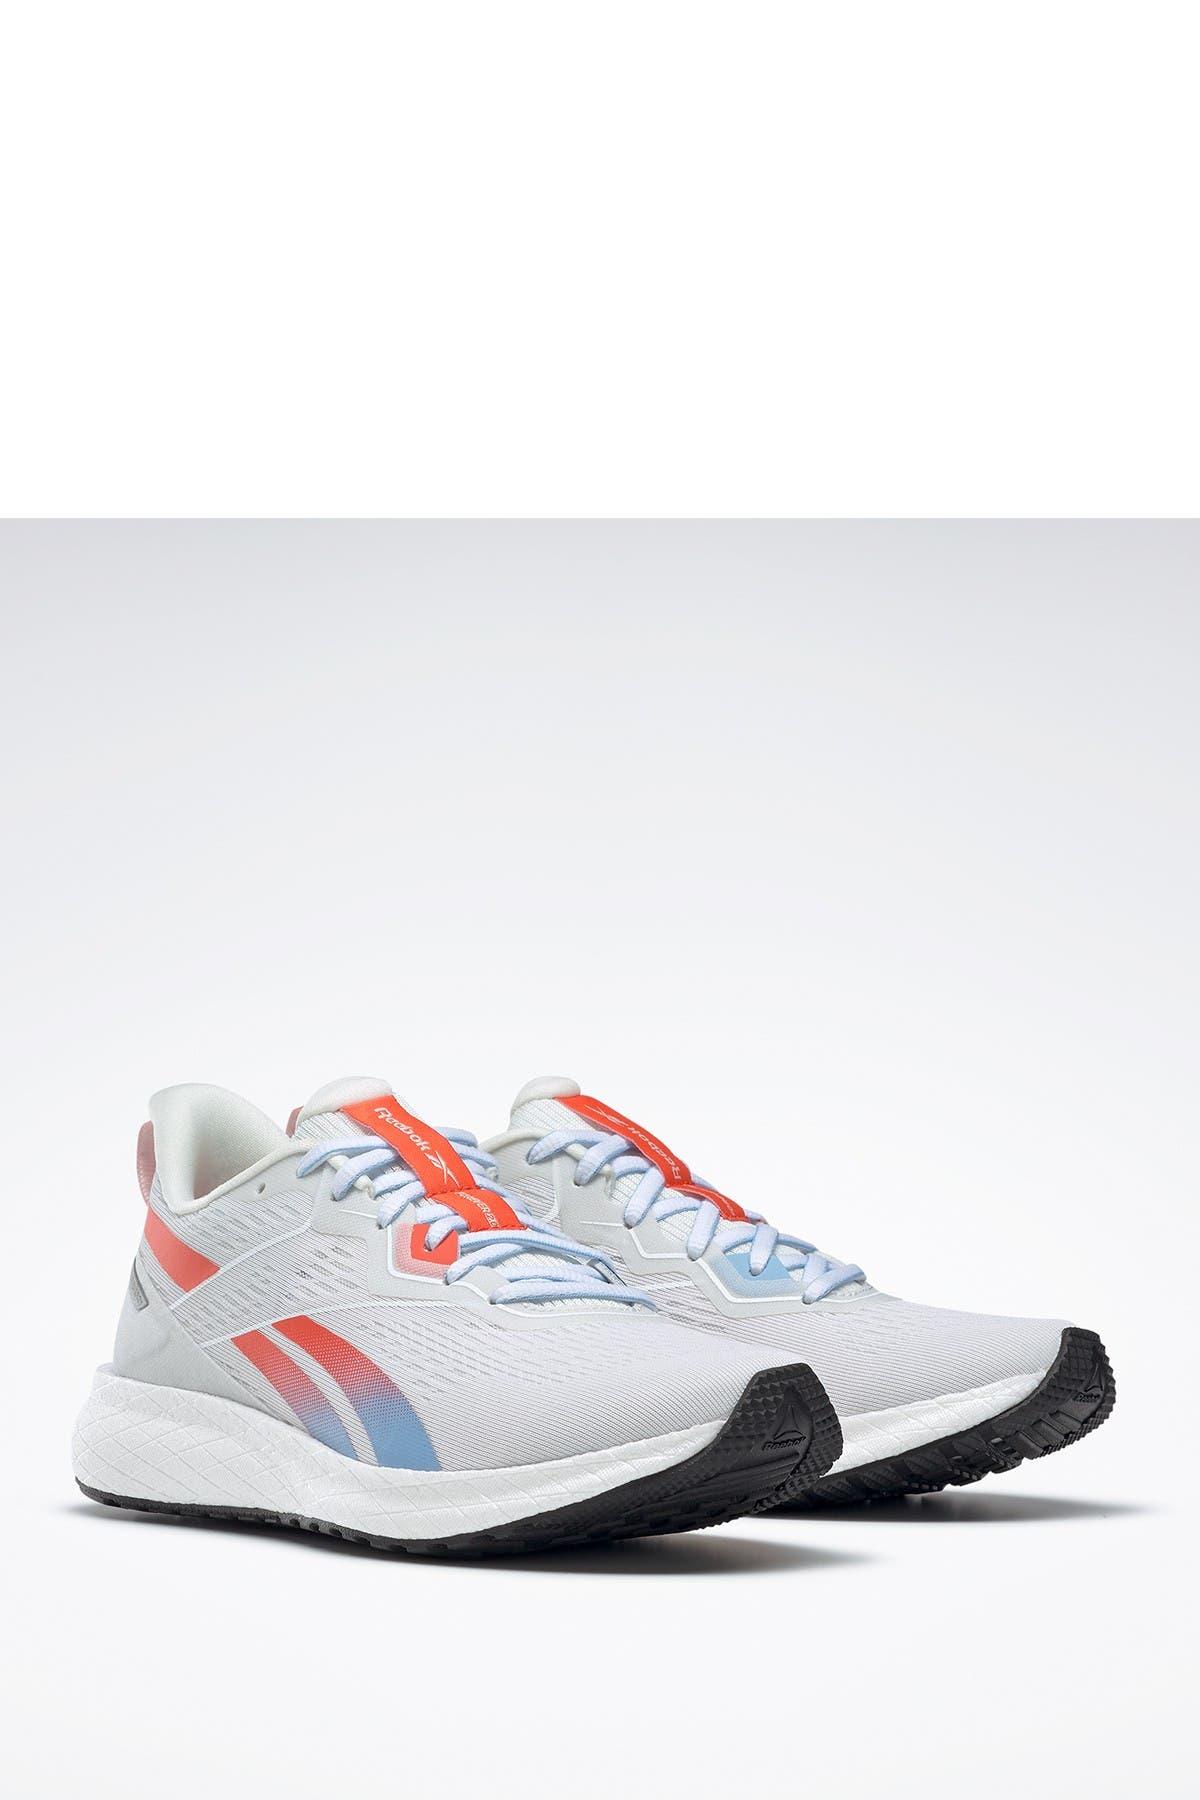 Image of Reebok Forever Floatride Energy 2 Running Sneaker